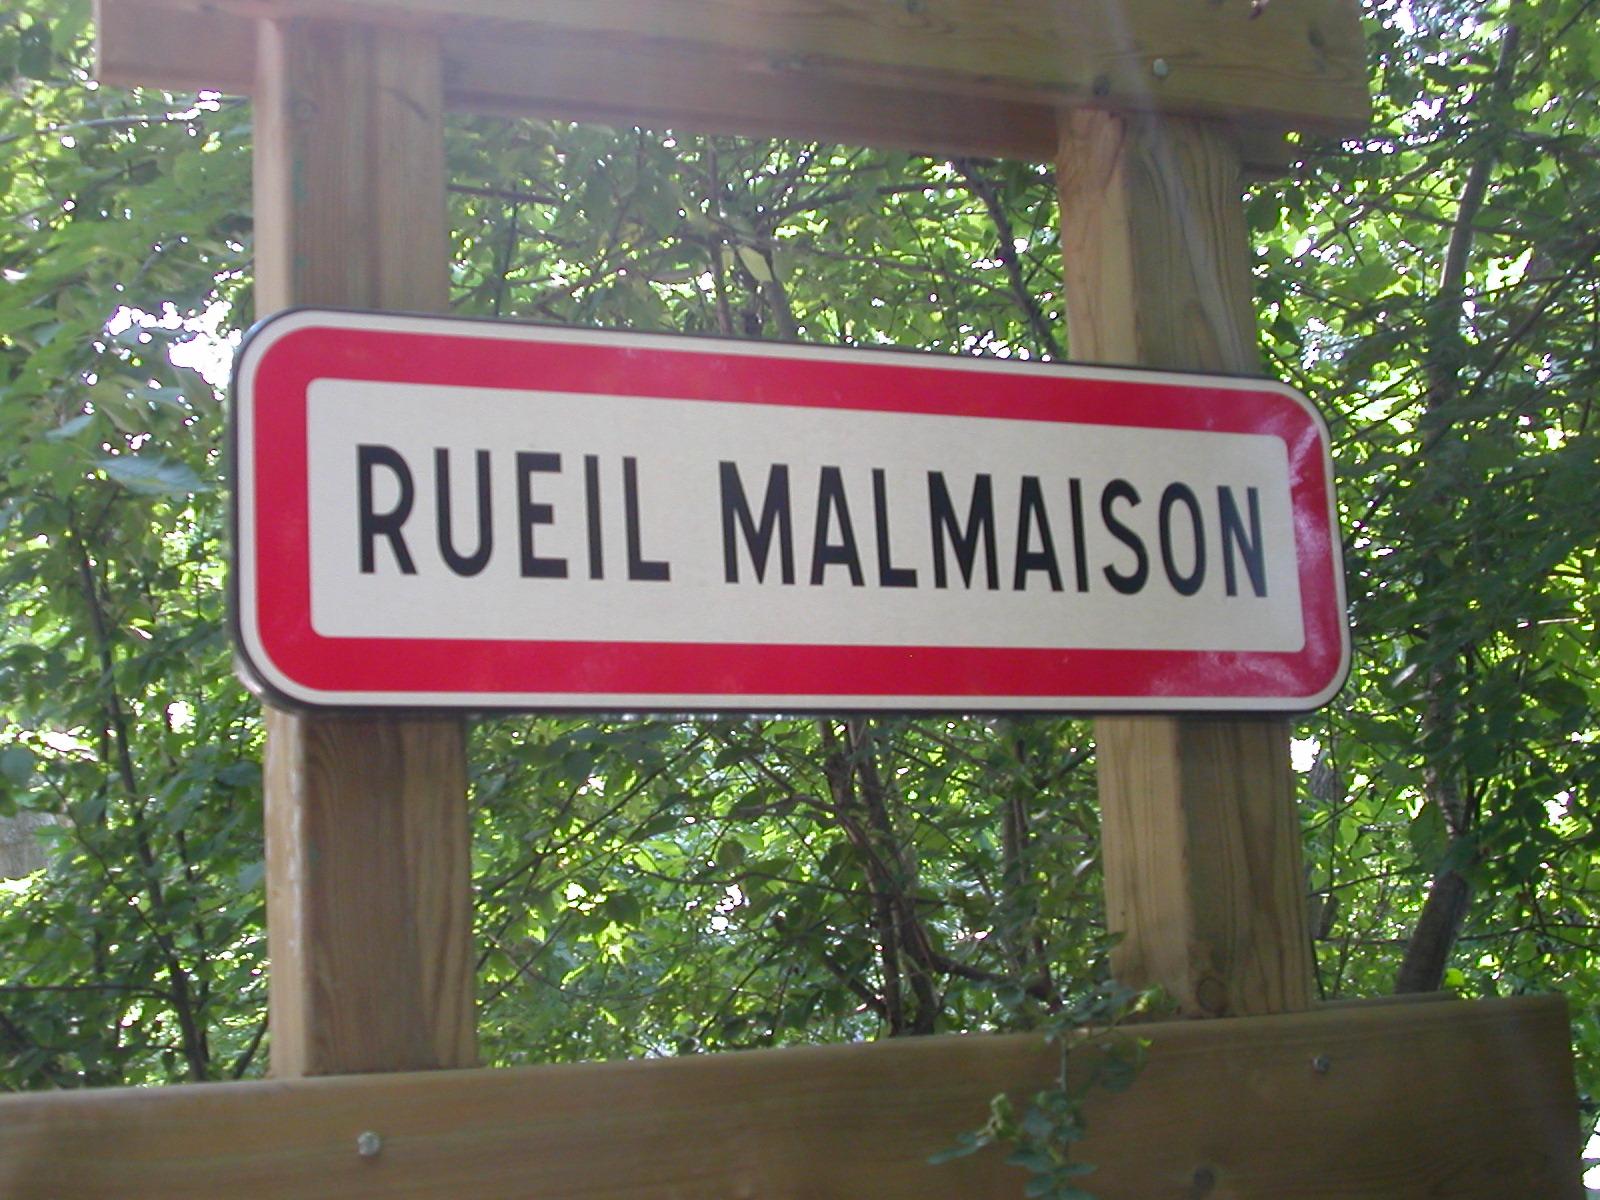 Speed dating rueil malmaison